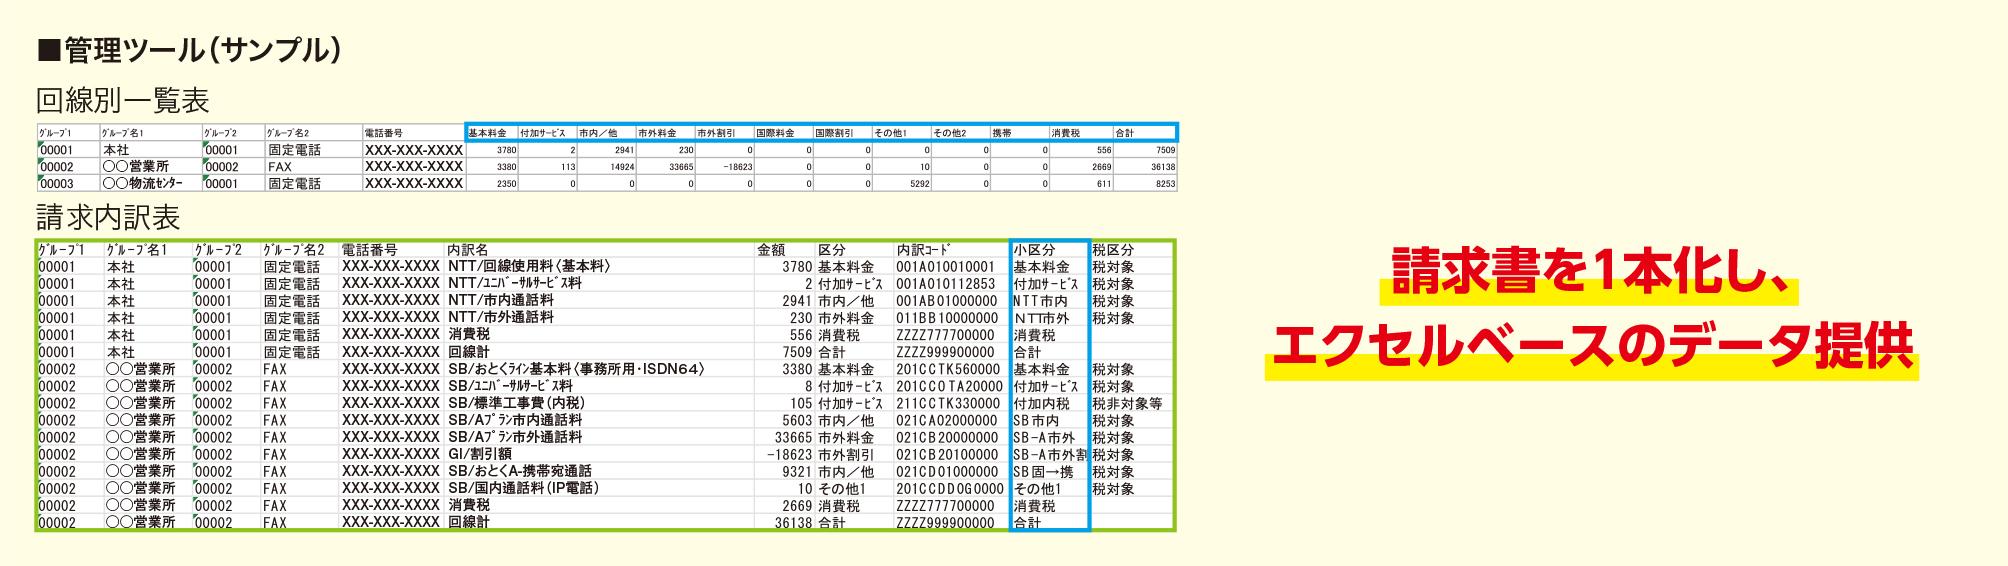 【導入事例】桶本興業株式会社3.jpg